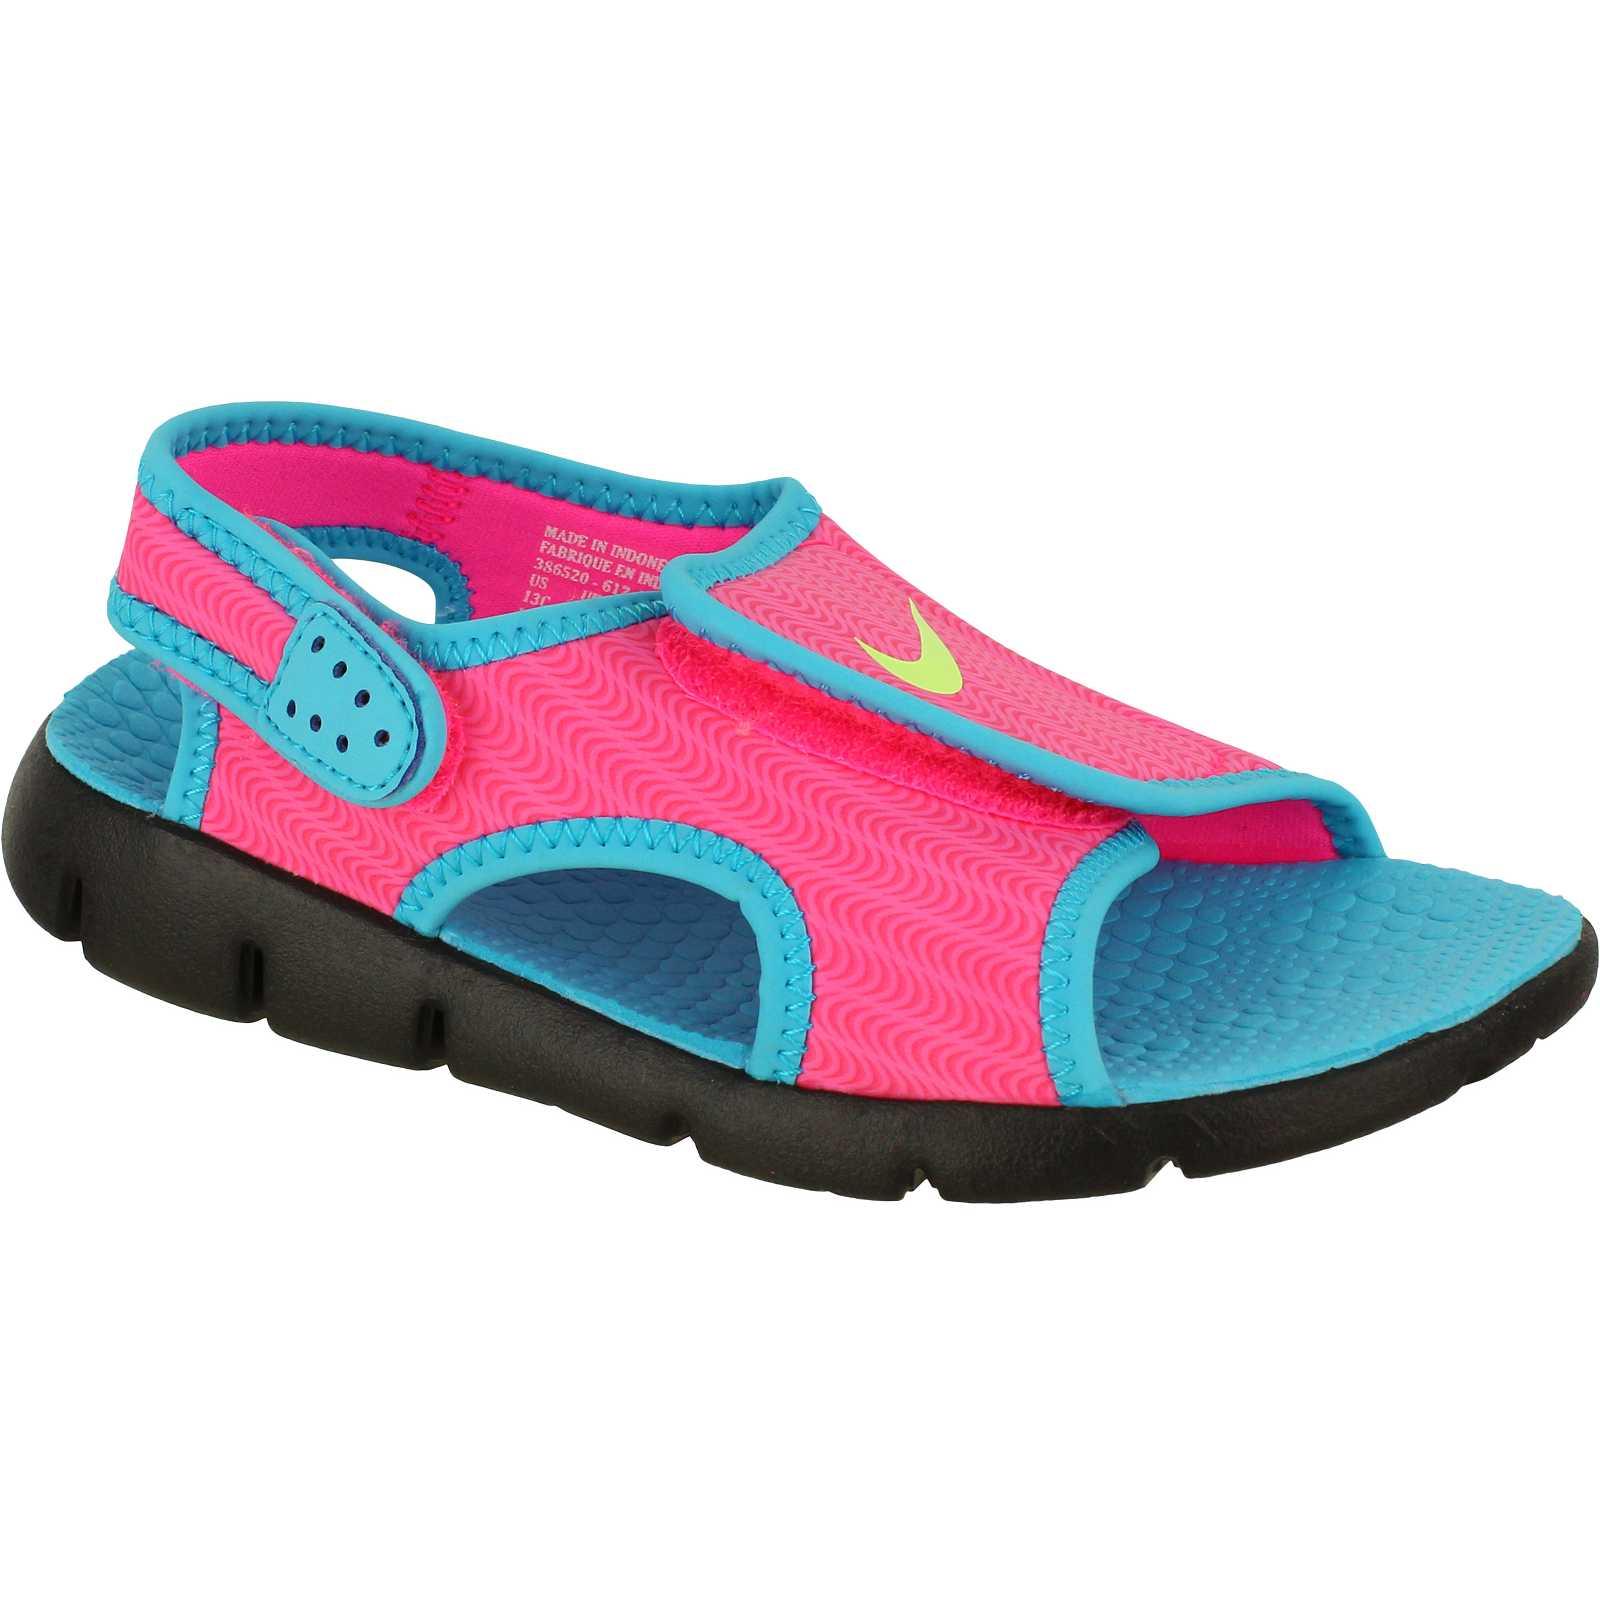 Sandale copii Nike Sunray Adjust 4 GSPS 386520-612